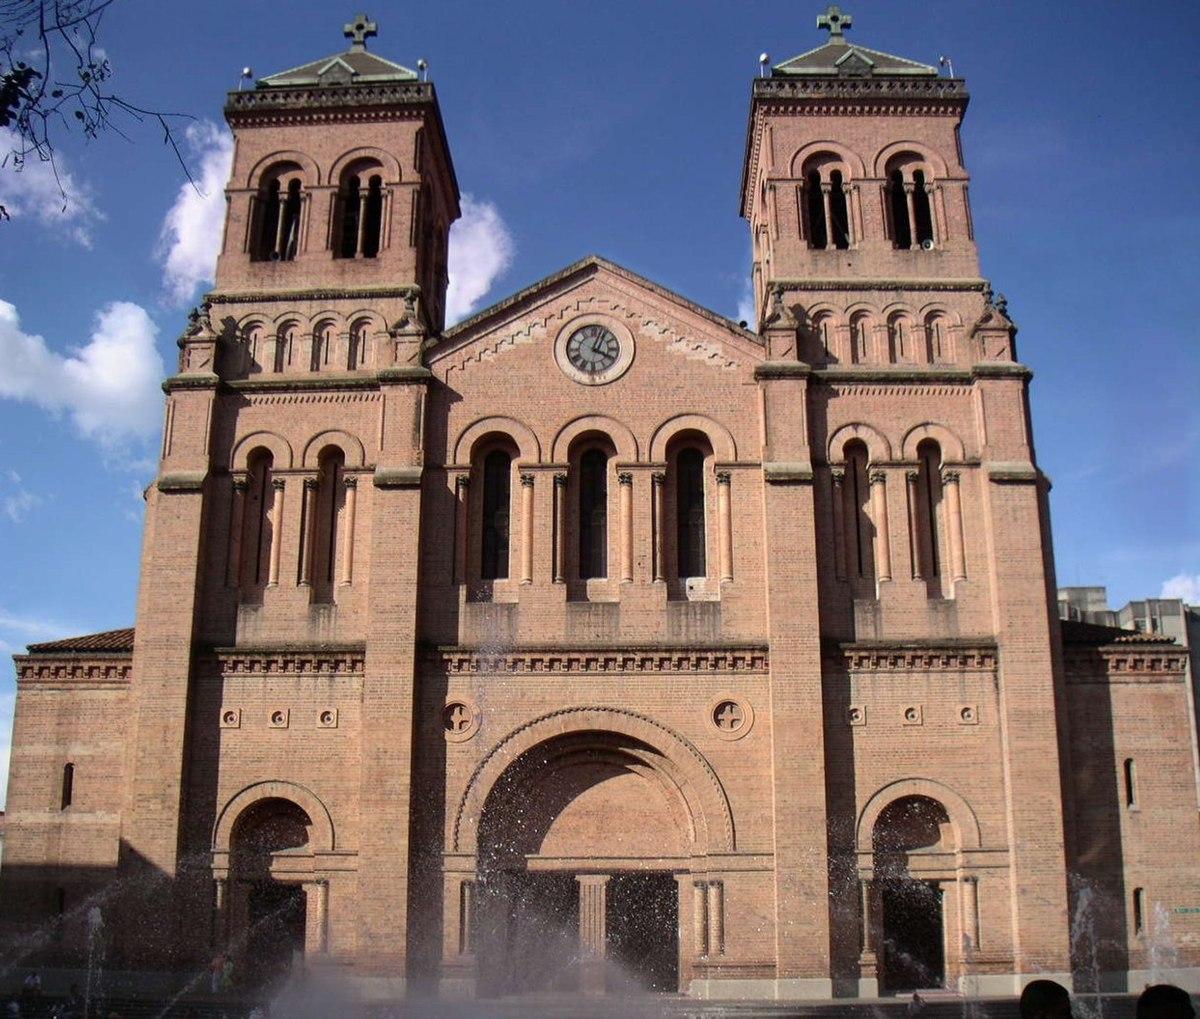 Catedral metropolitana de medell n wikipedia la for Arquitectura que se estudia